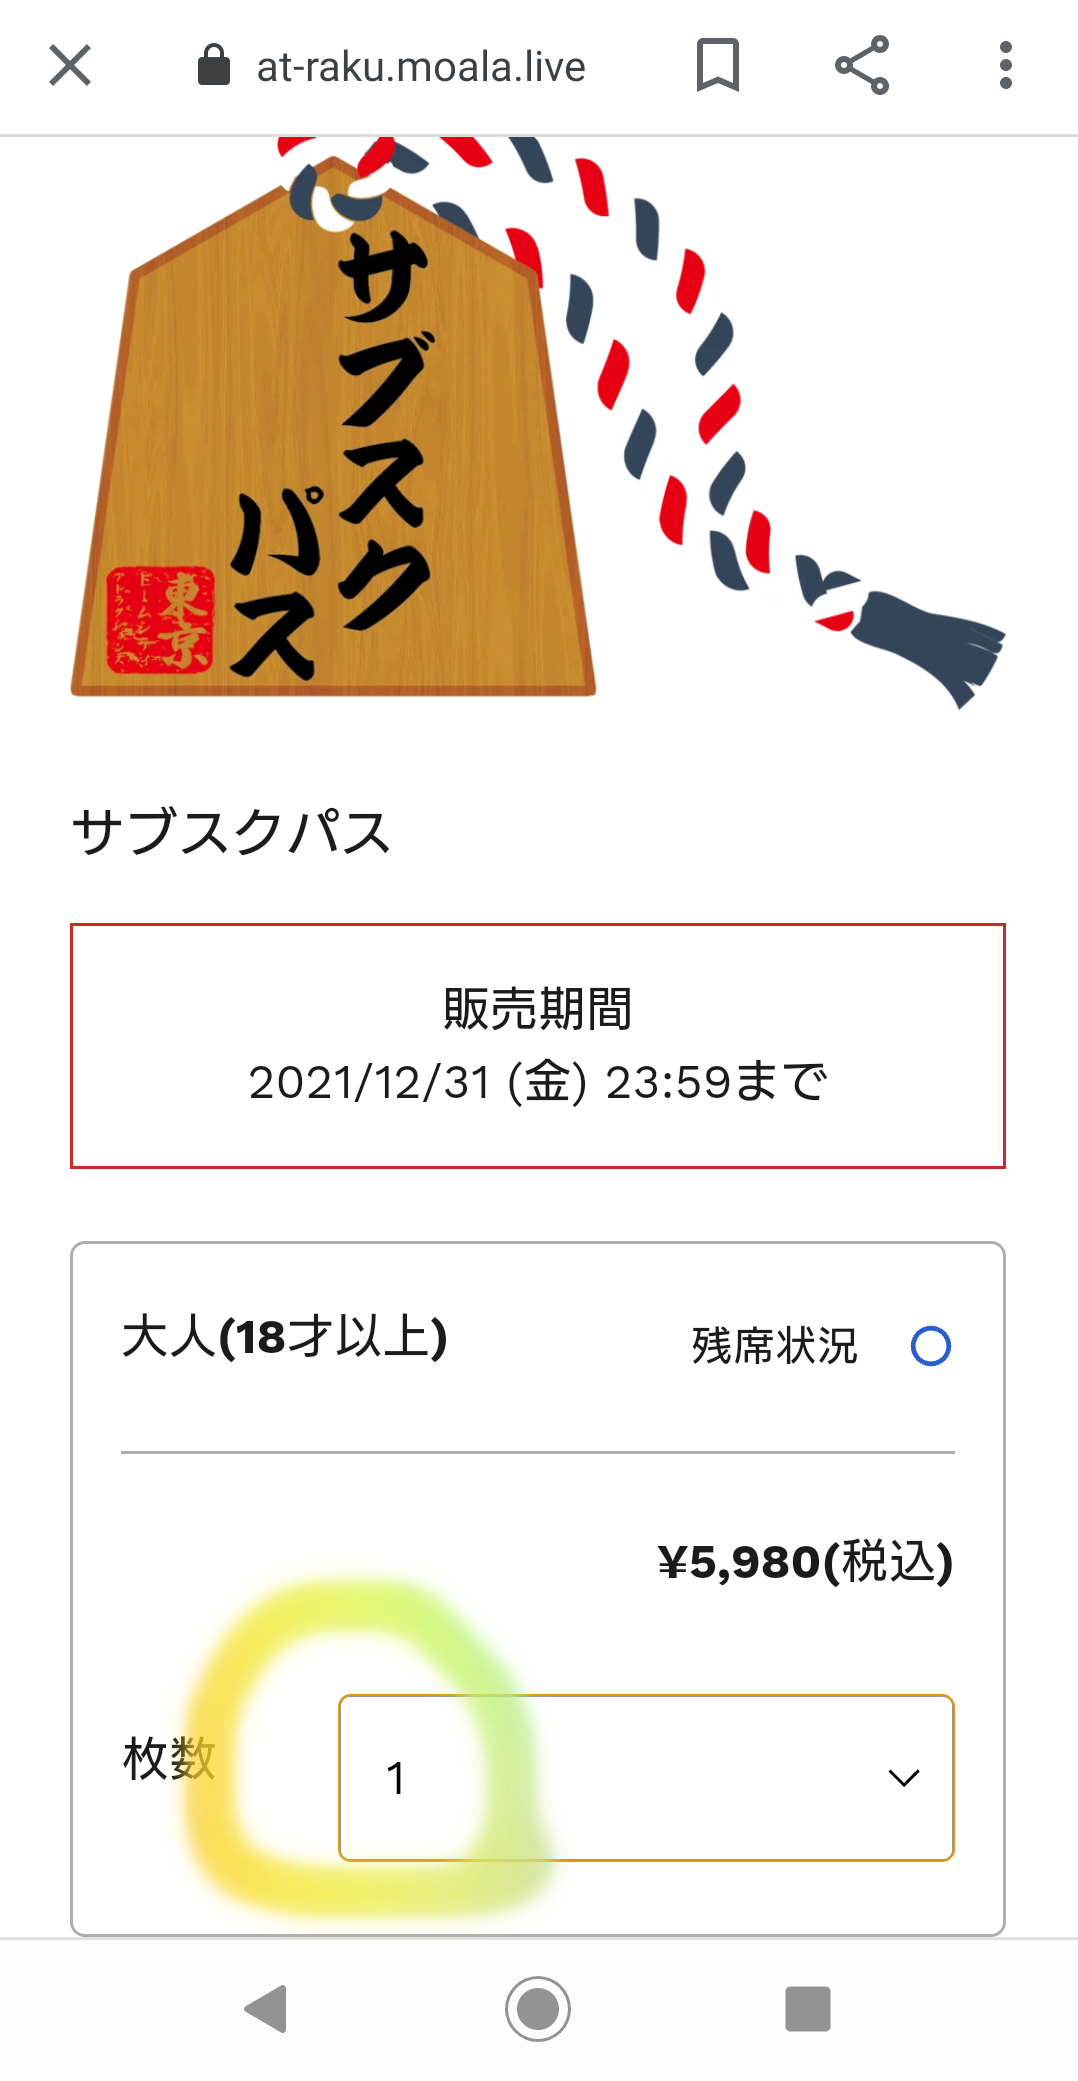 東京ドームシティのサブスクとは?料金比較やネットなどでの買い方も9